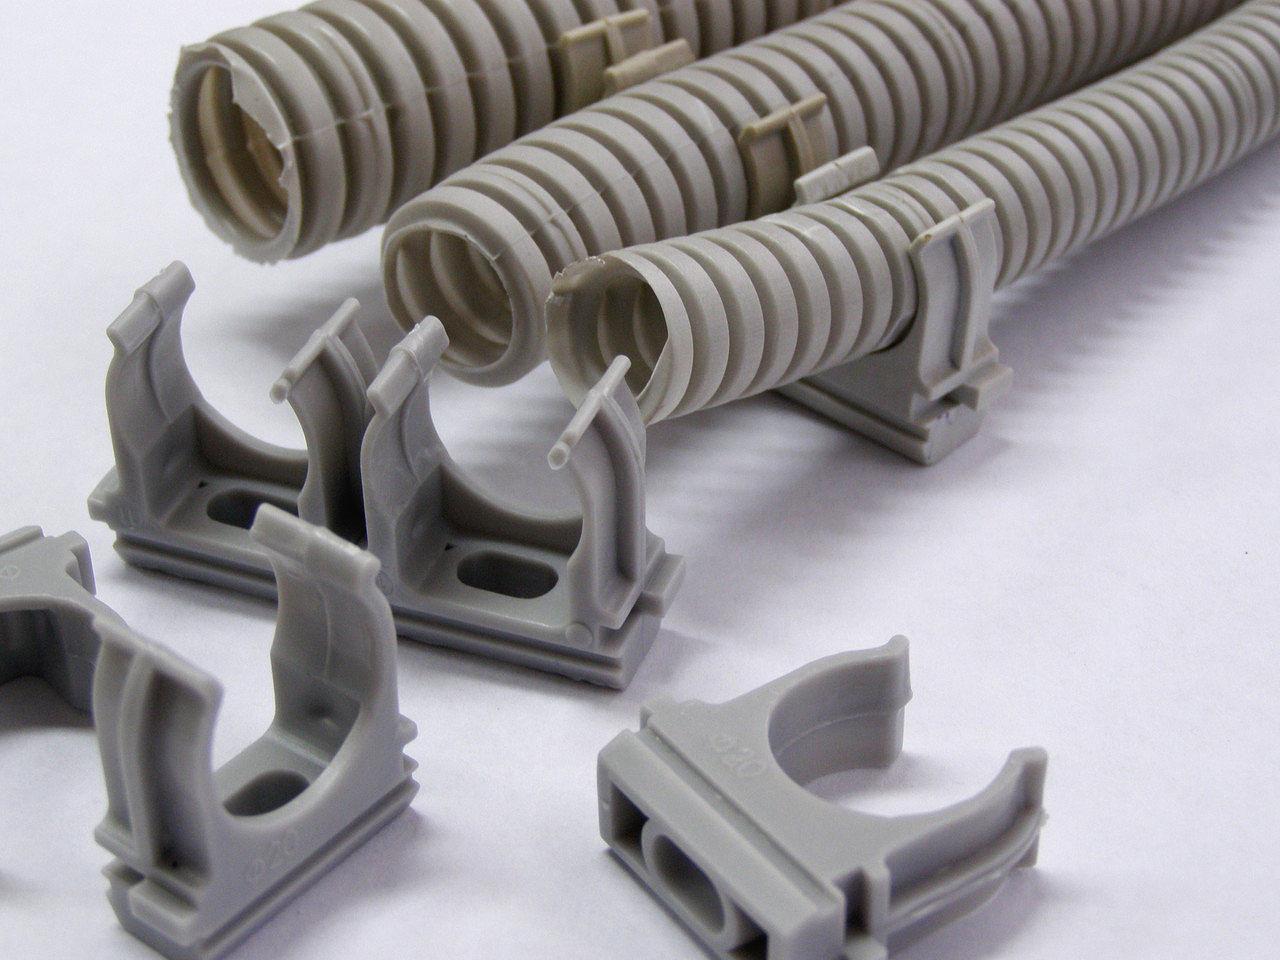 Клипсы для крепления электропроводки — особенности применения